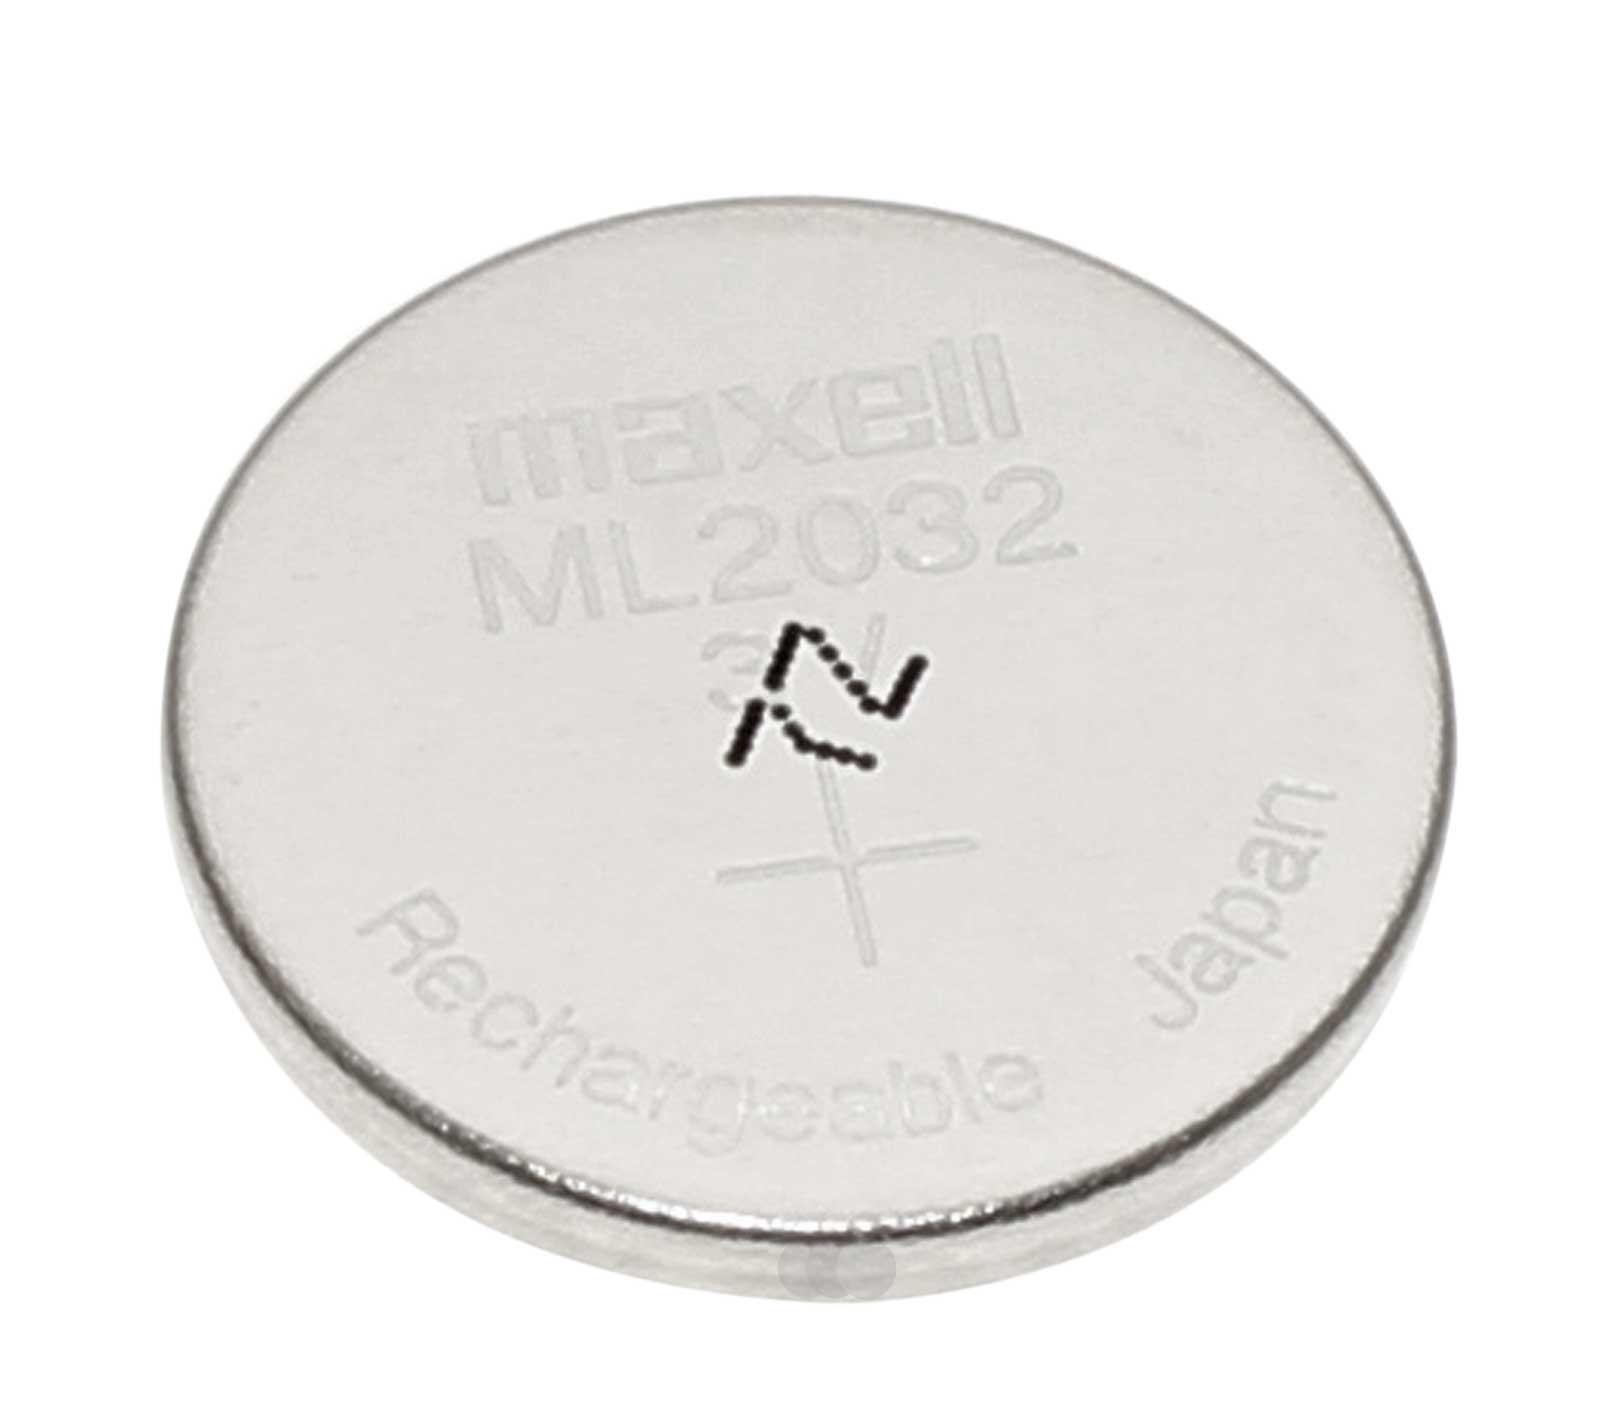 Maxell ML2032 Knopfzelle Akku Batterie, ersetzt CR2032, für Logitech K750 mit 3V und 65mAh